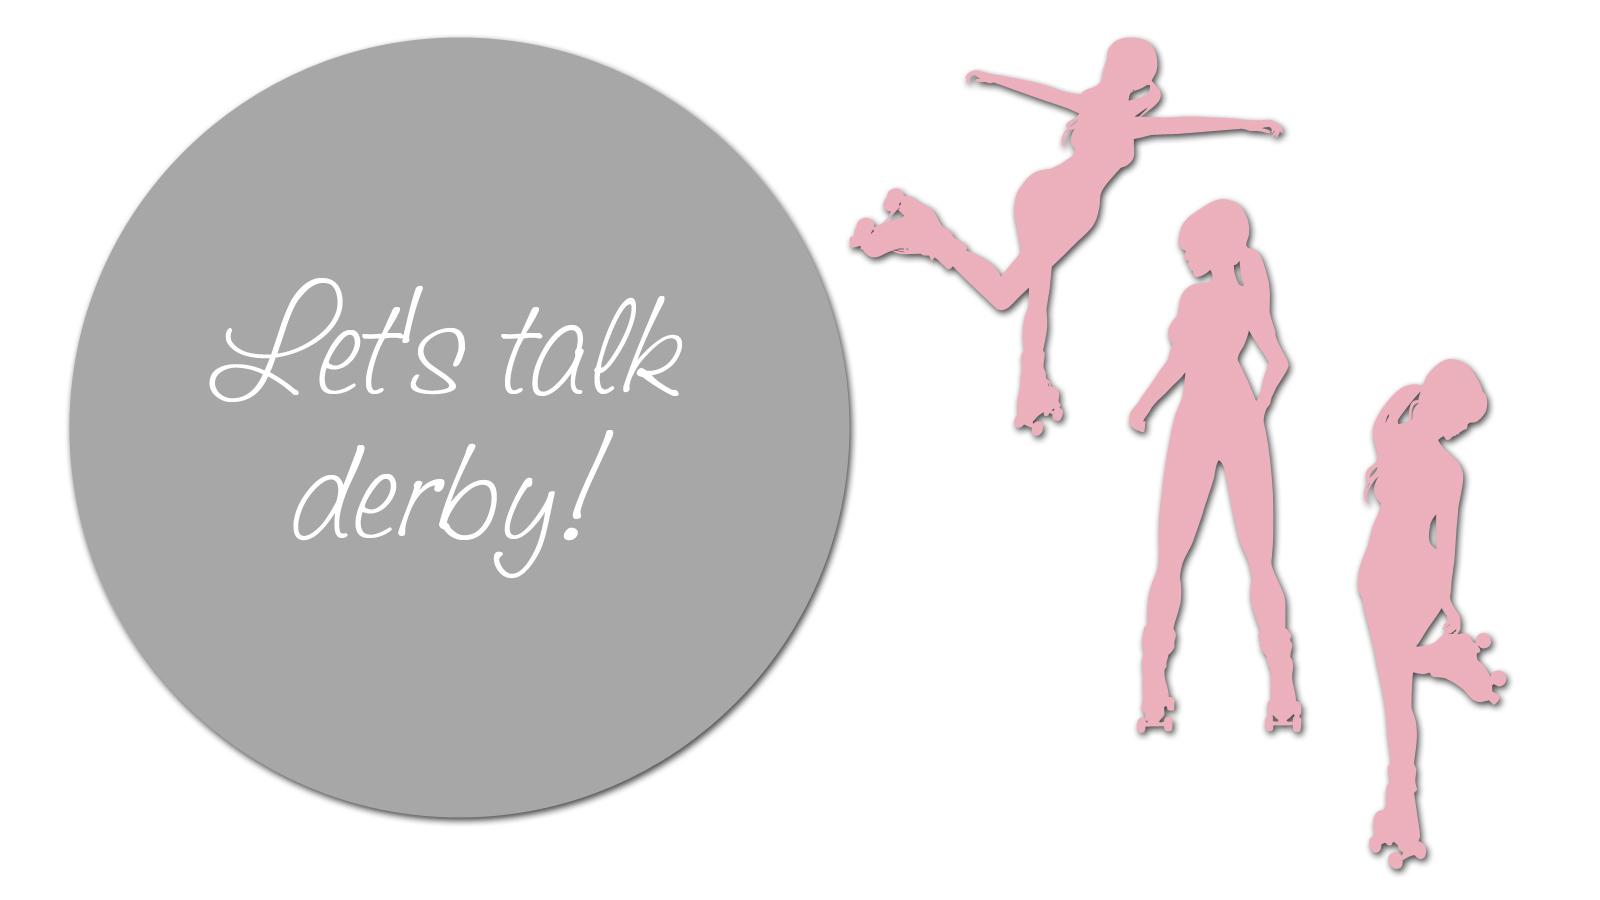 Let's talk derby Image